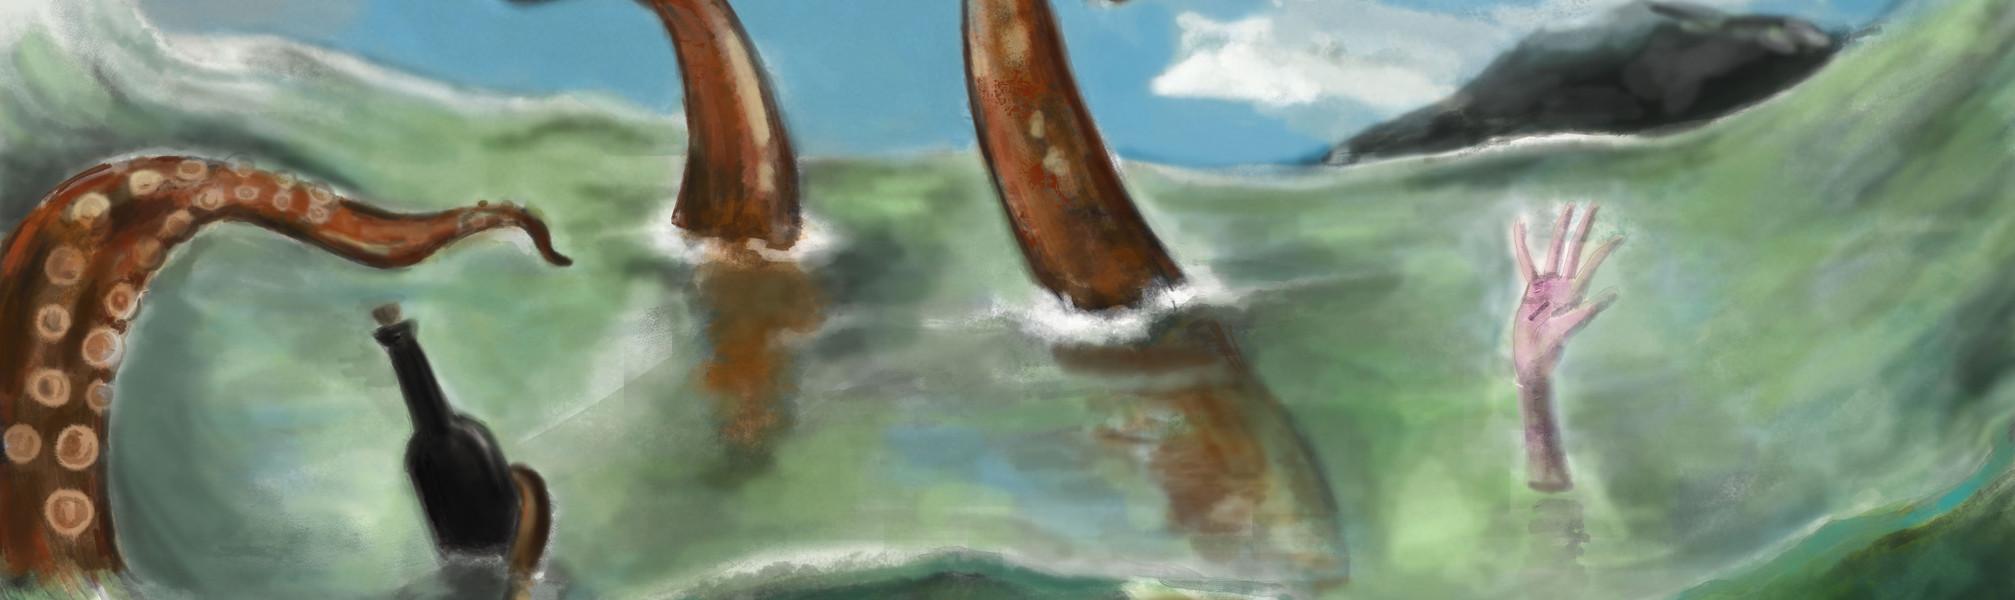 kraken gets better.jpg